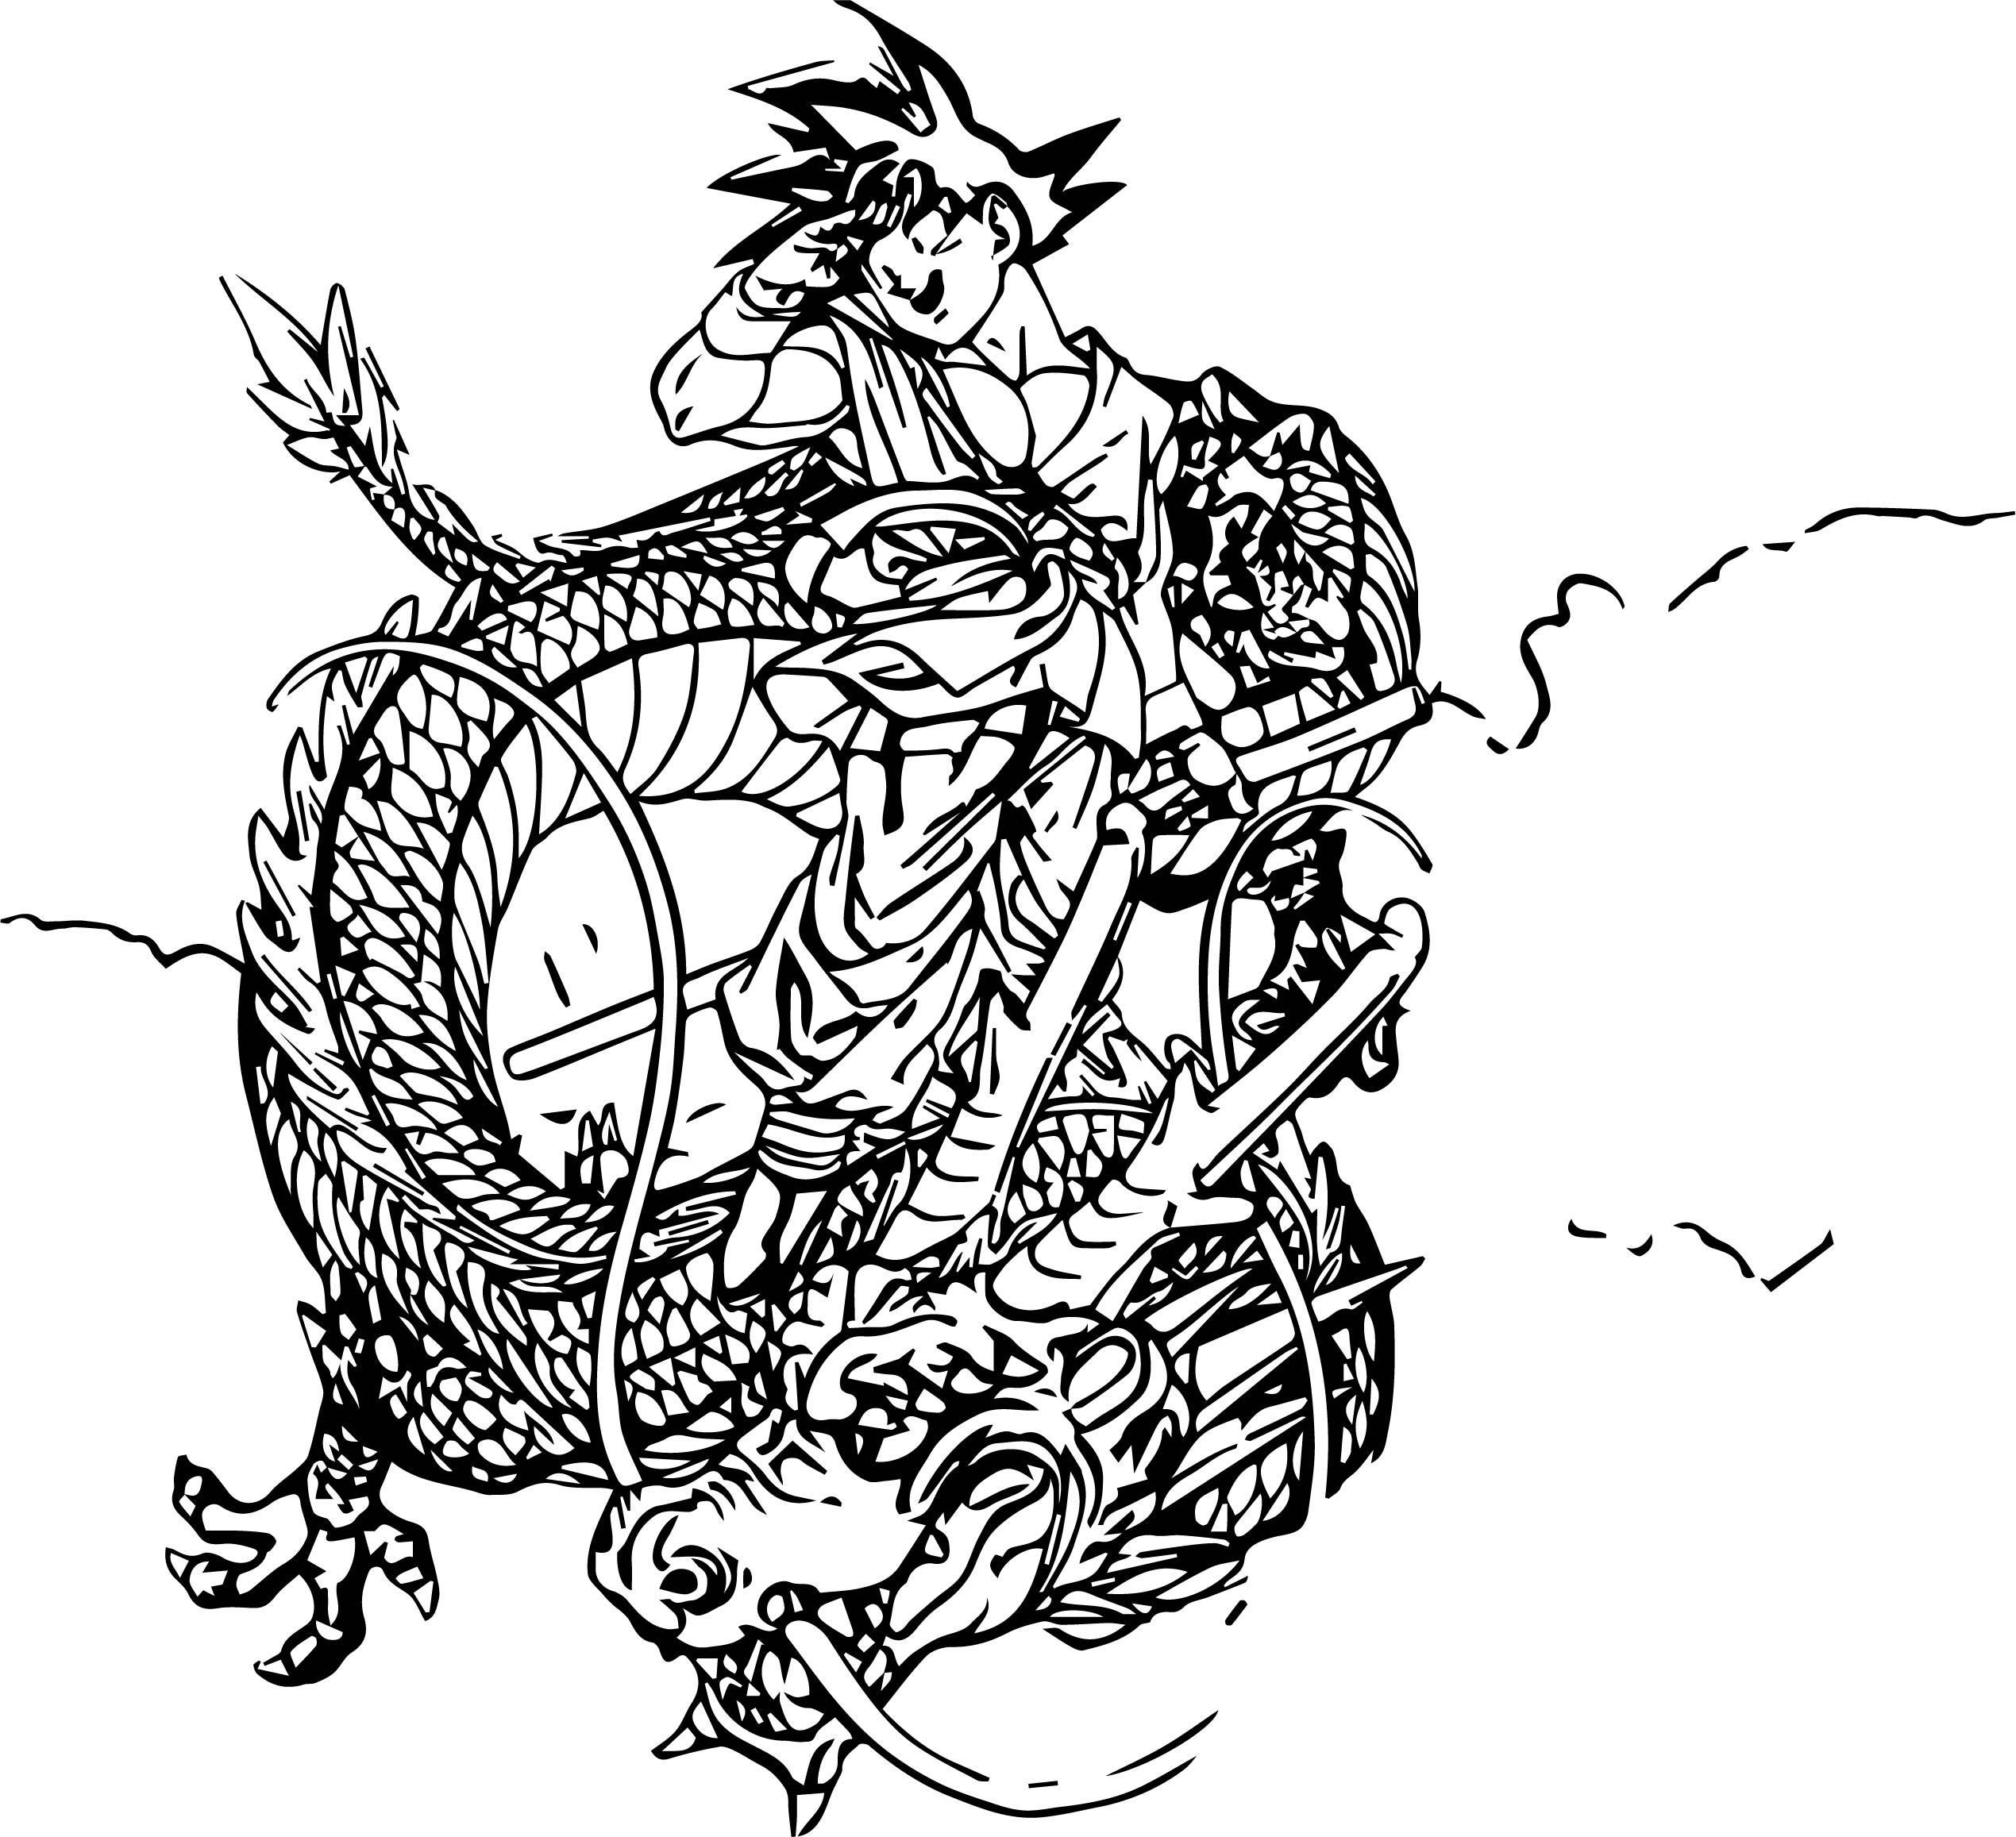 Goku Dragon Coloring Page